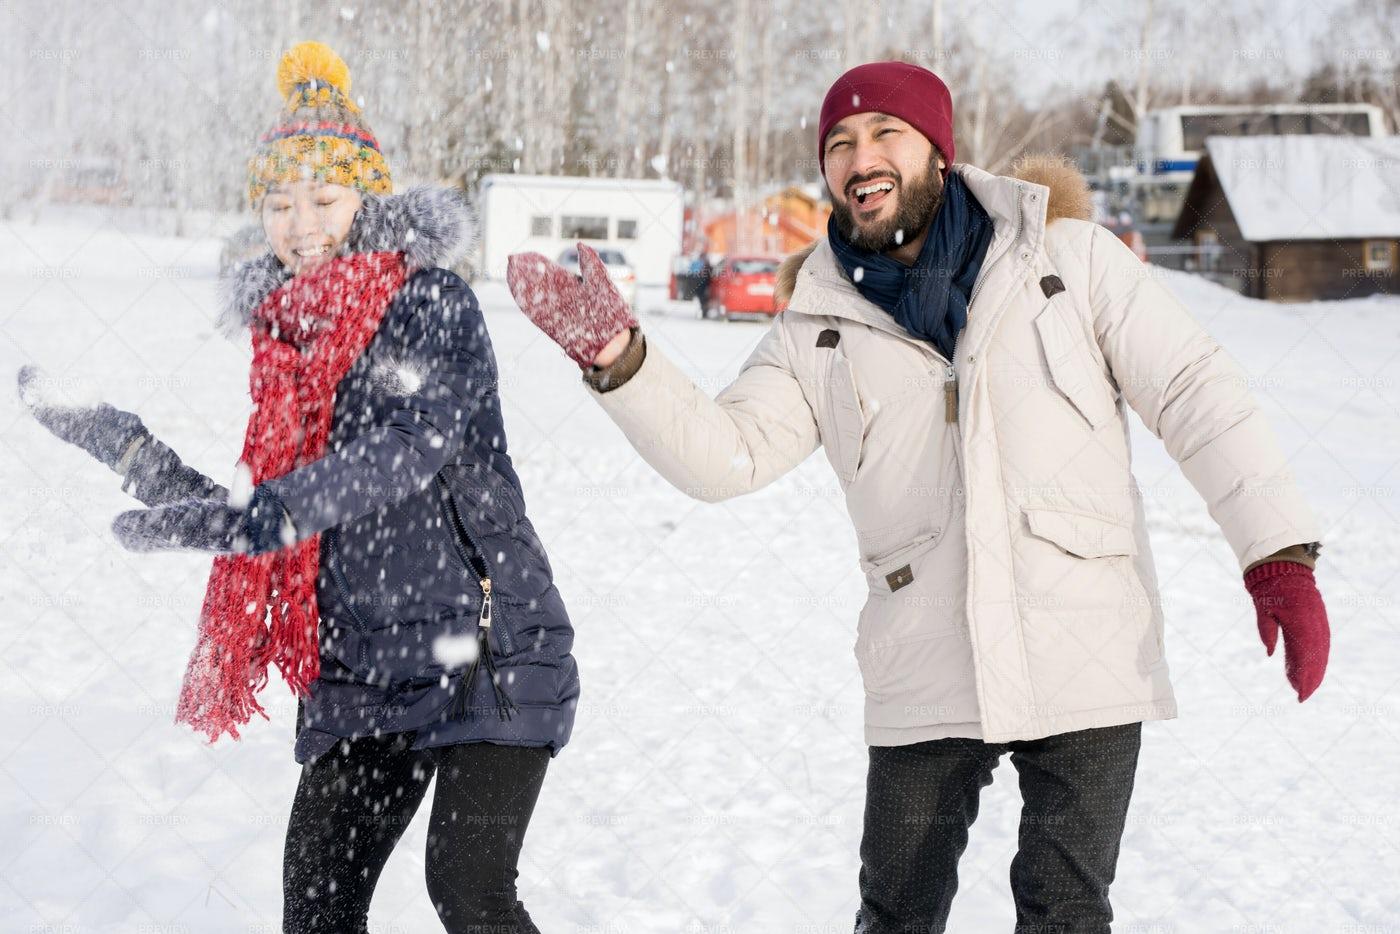 Asian Couple Having Fun In Winter: Stock Photos